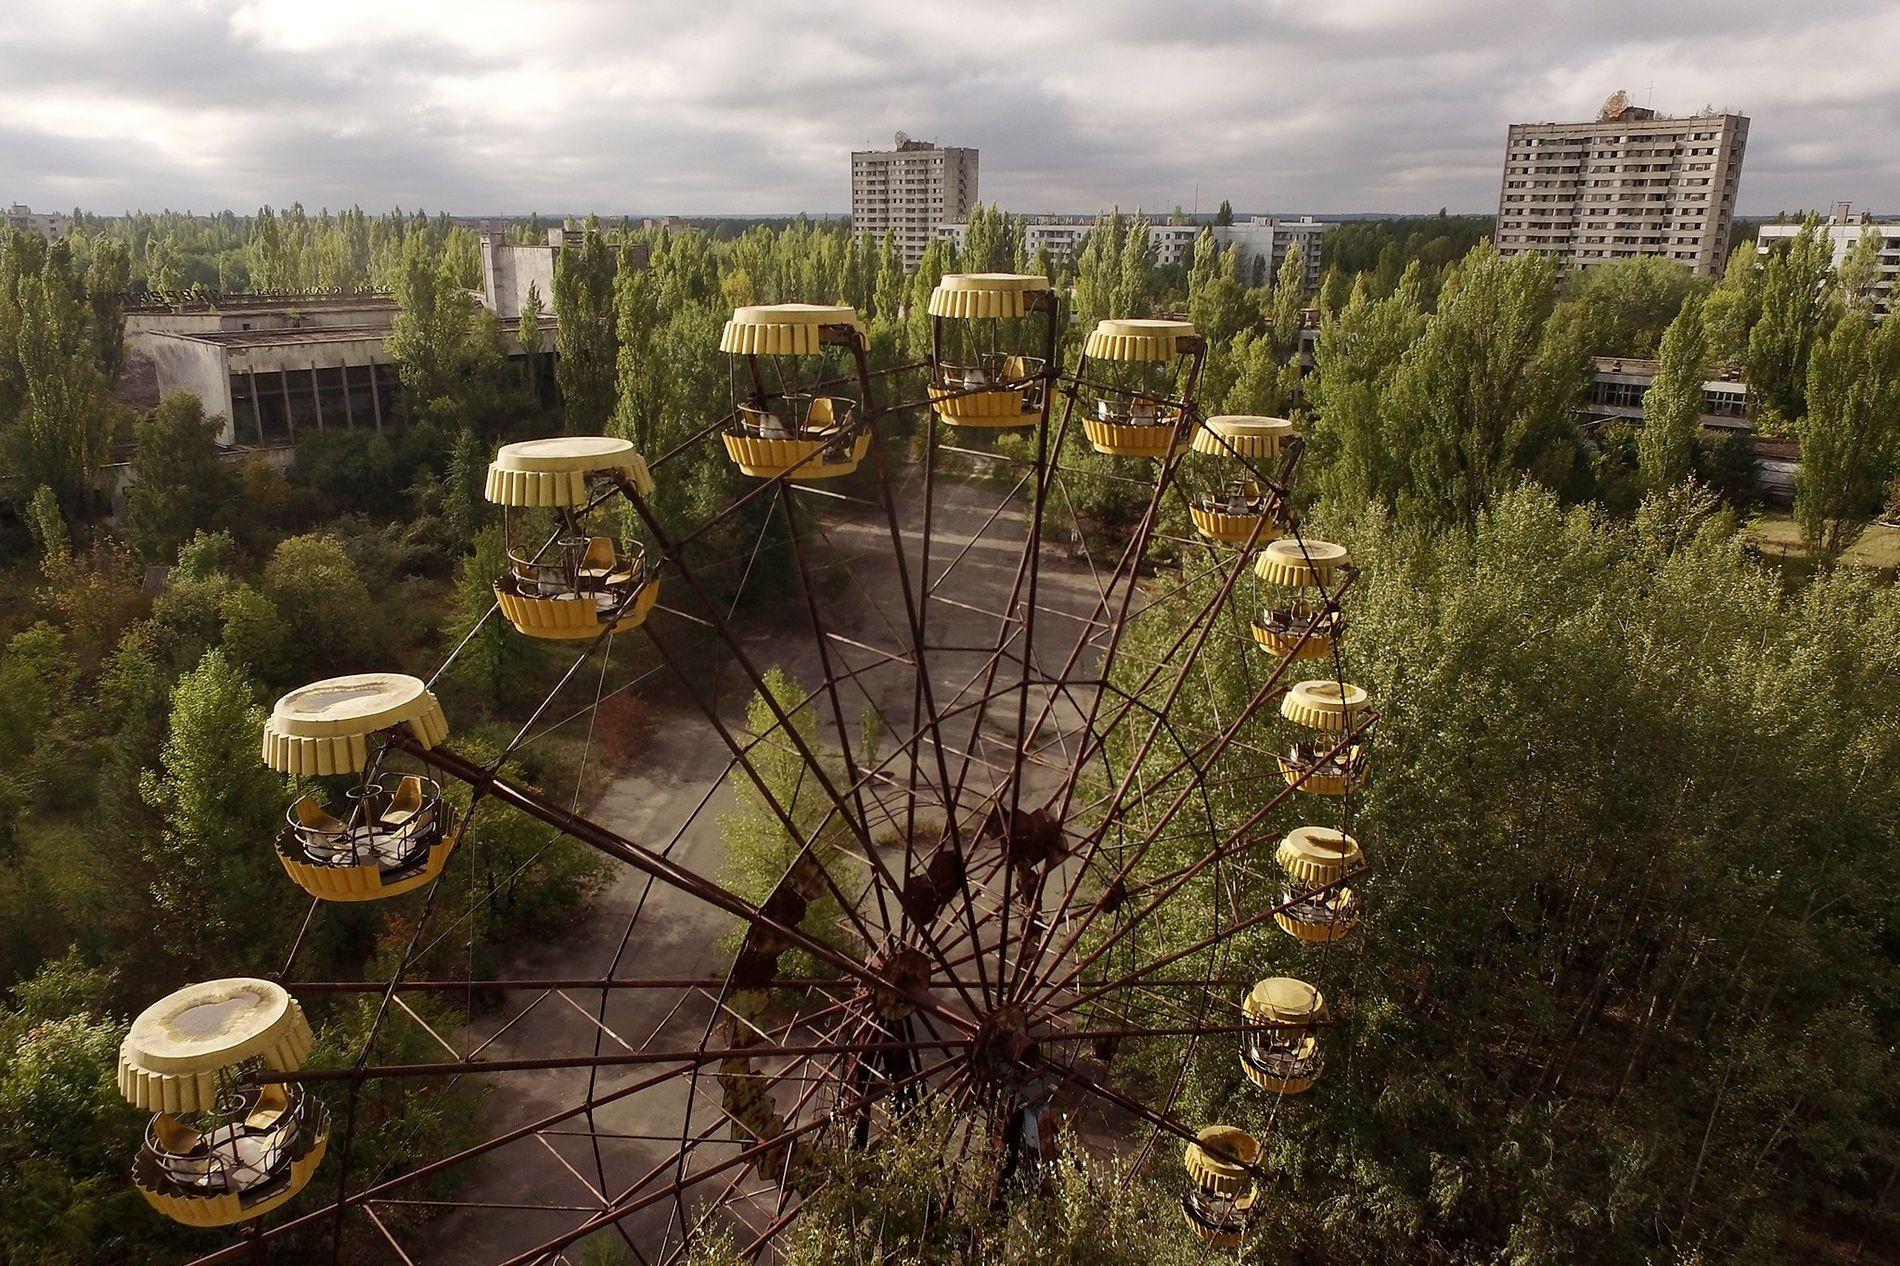 A roda de um parque de diversões permanece abandonada.